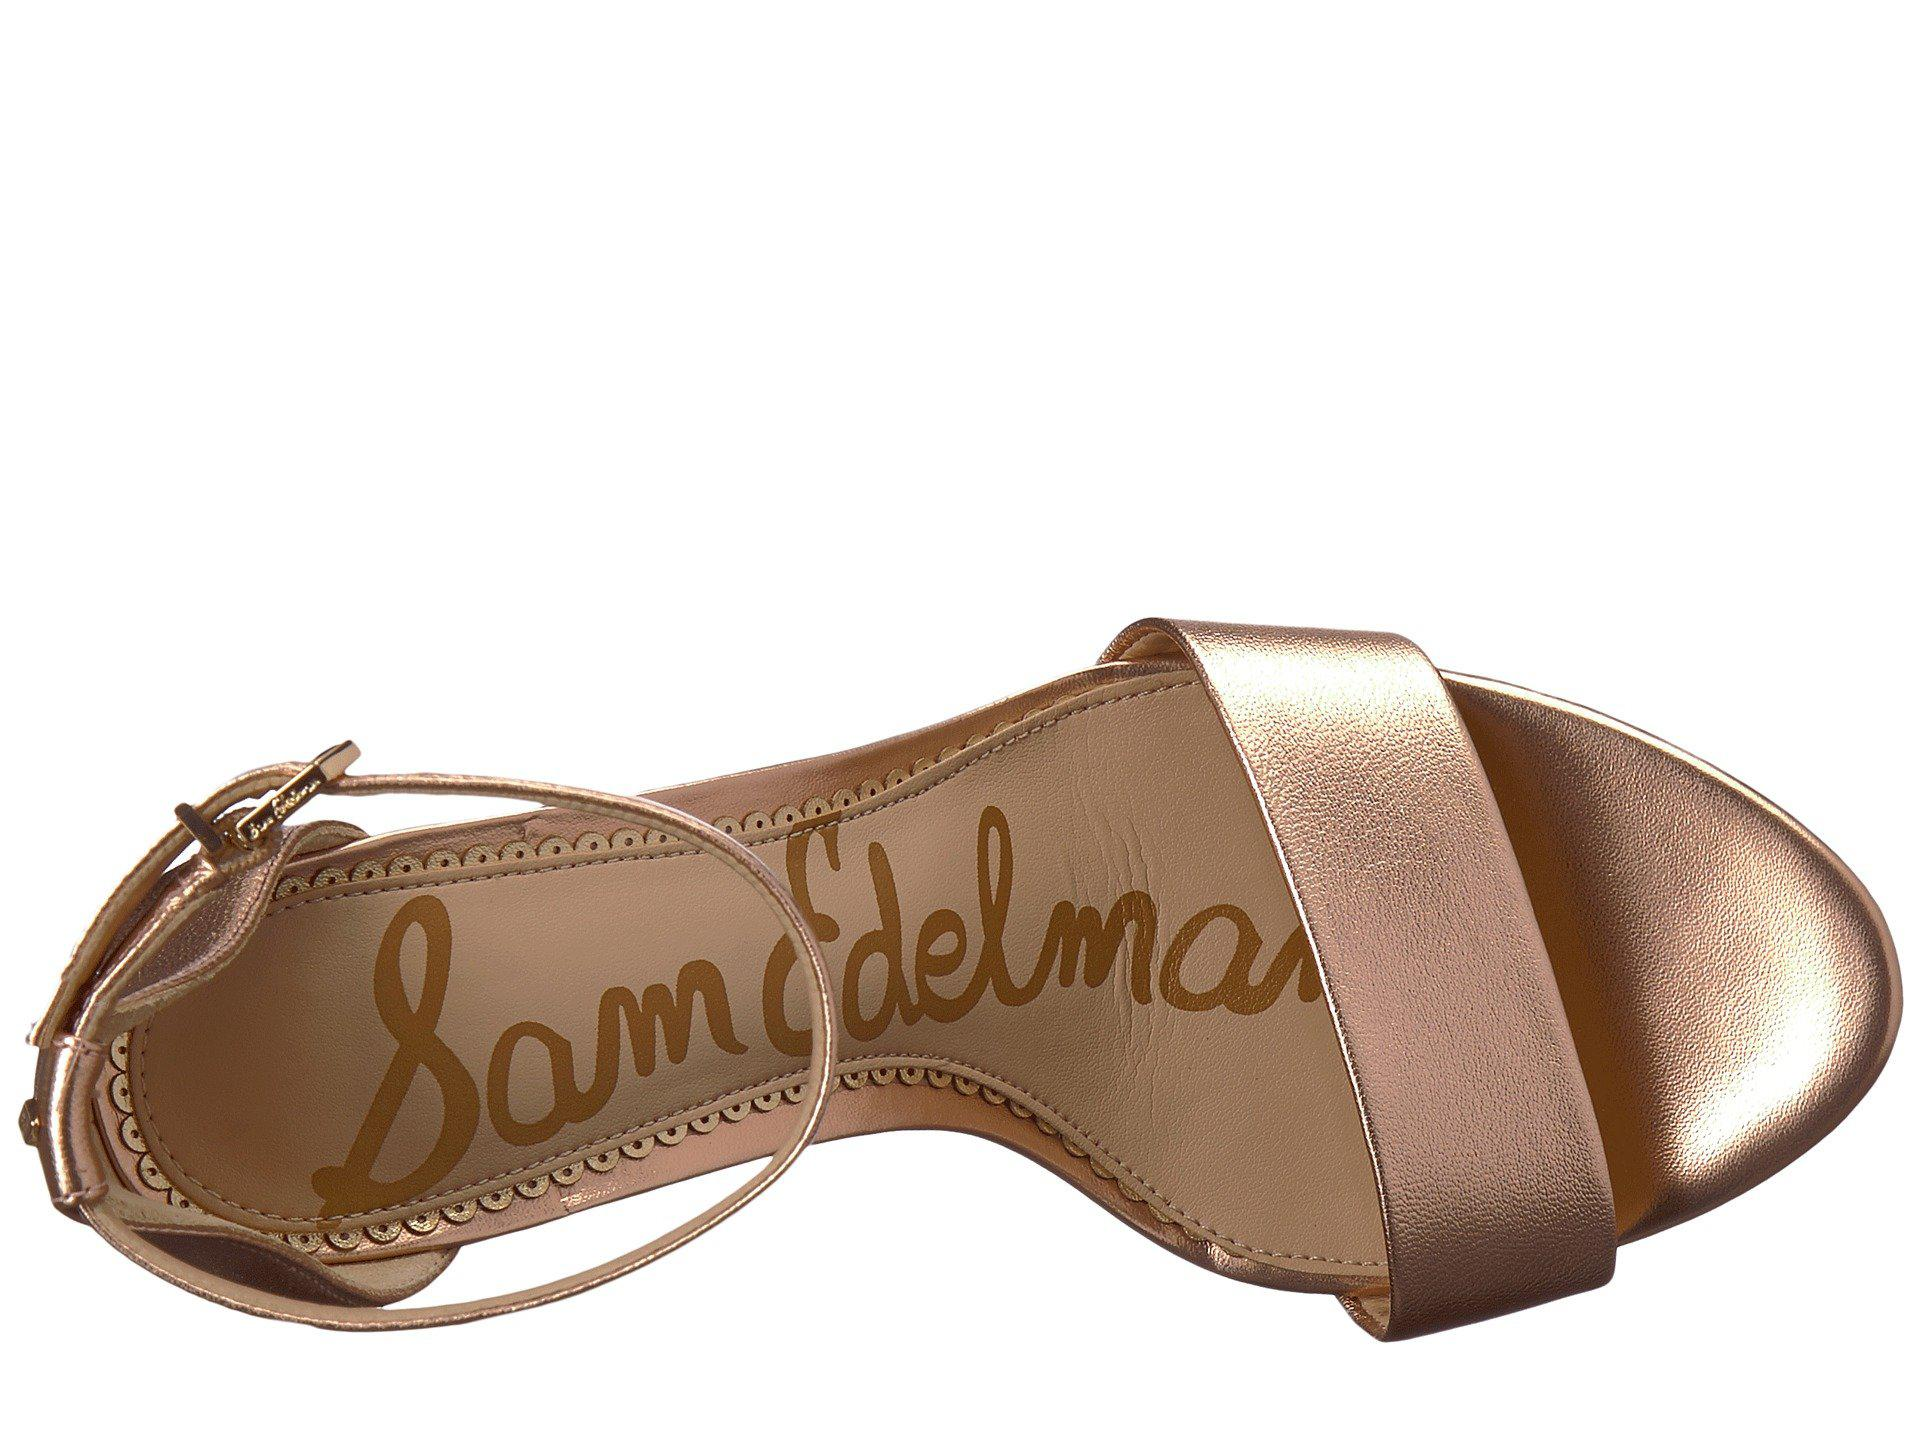 41e93a536779 Lyst - Sam Edelman Yaro Ankle Strap Sandal Heel (silver) Women s ...